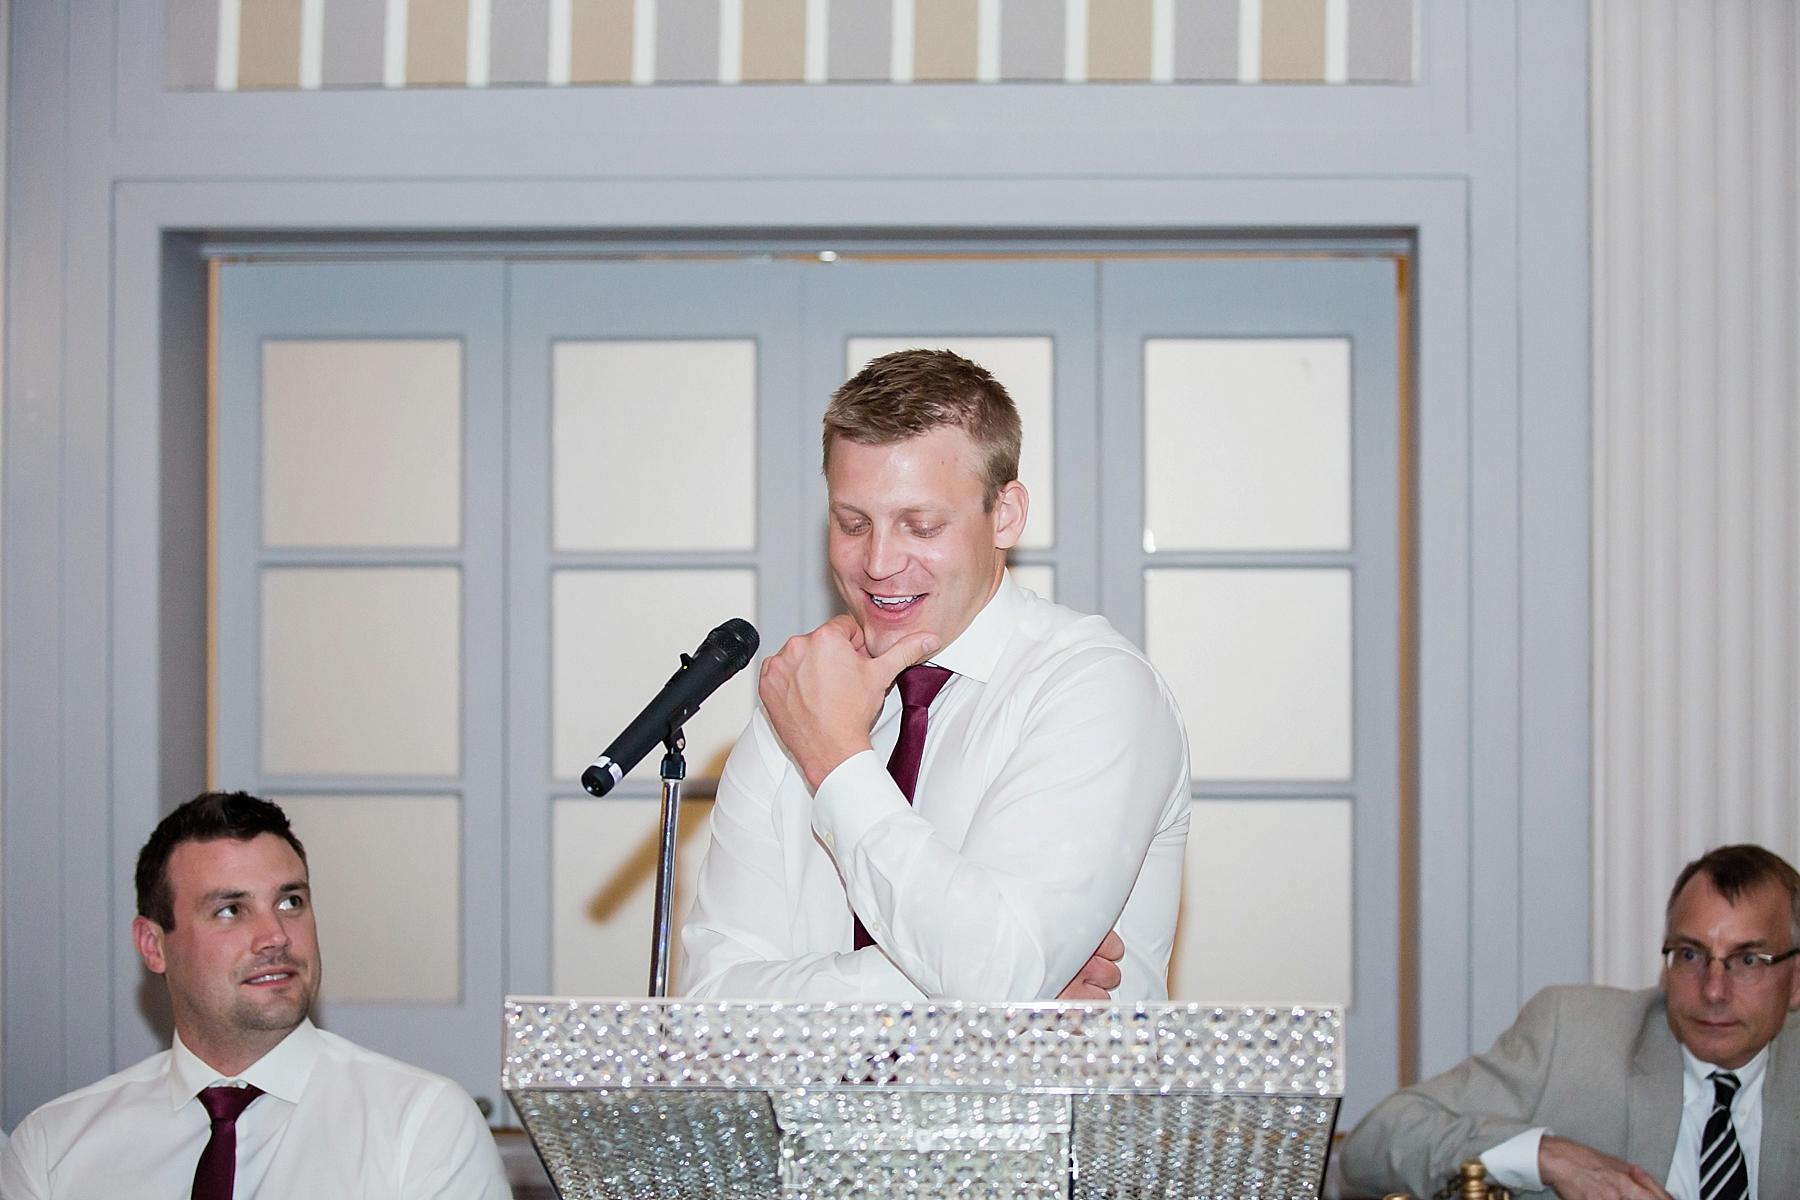 windsor-wedding-photographer-essex-golf-country-club-wedding-eryn-shea-photography_0080.jpg